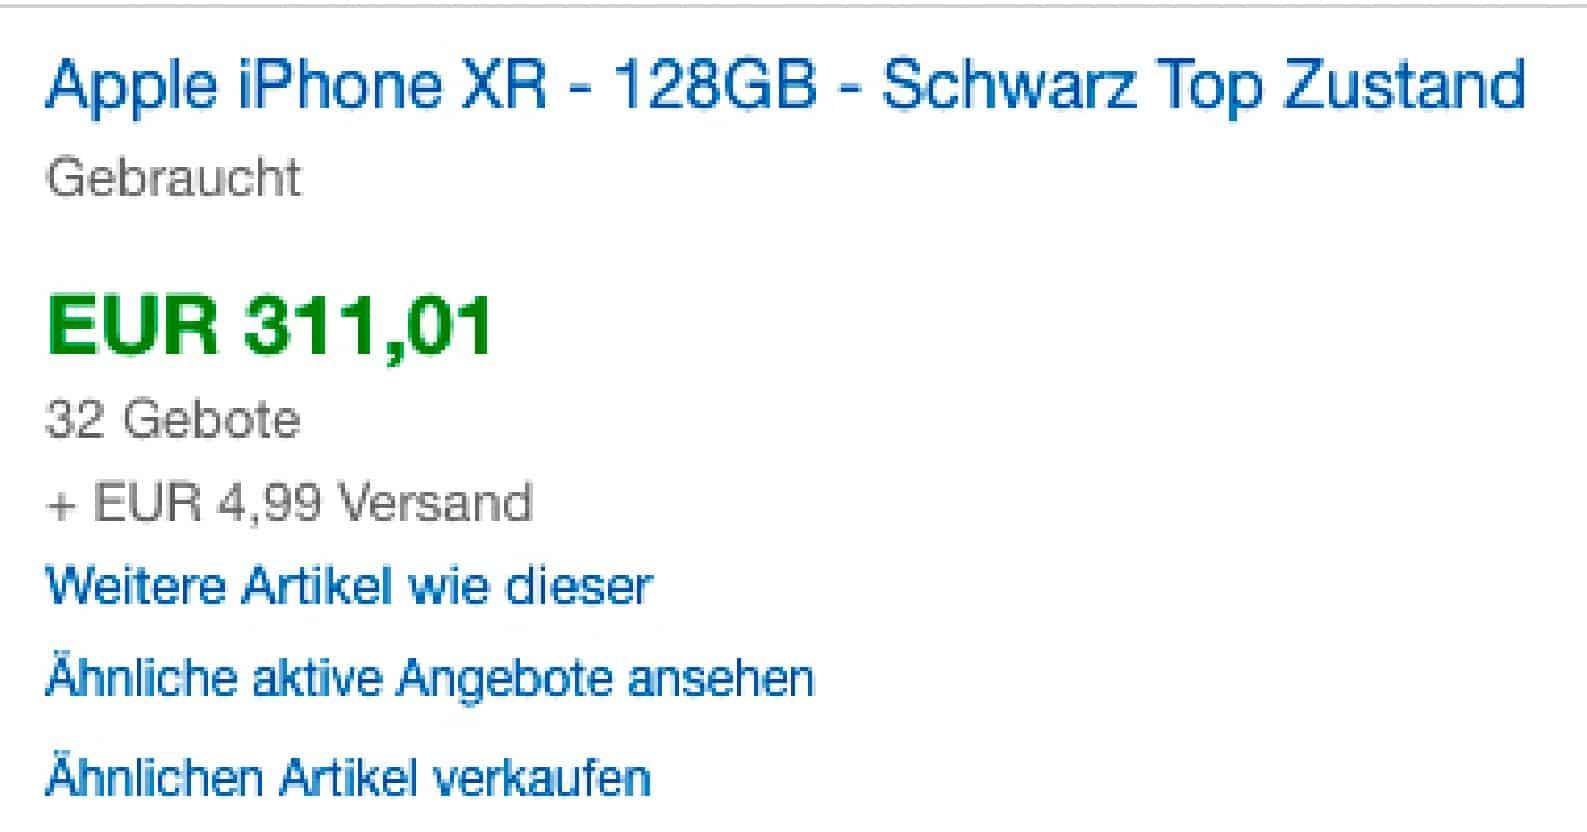 Bei eBay verkaufte Produkte anzeigen lassen